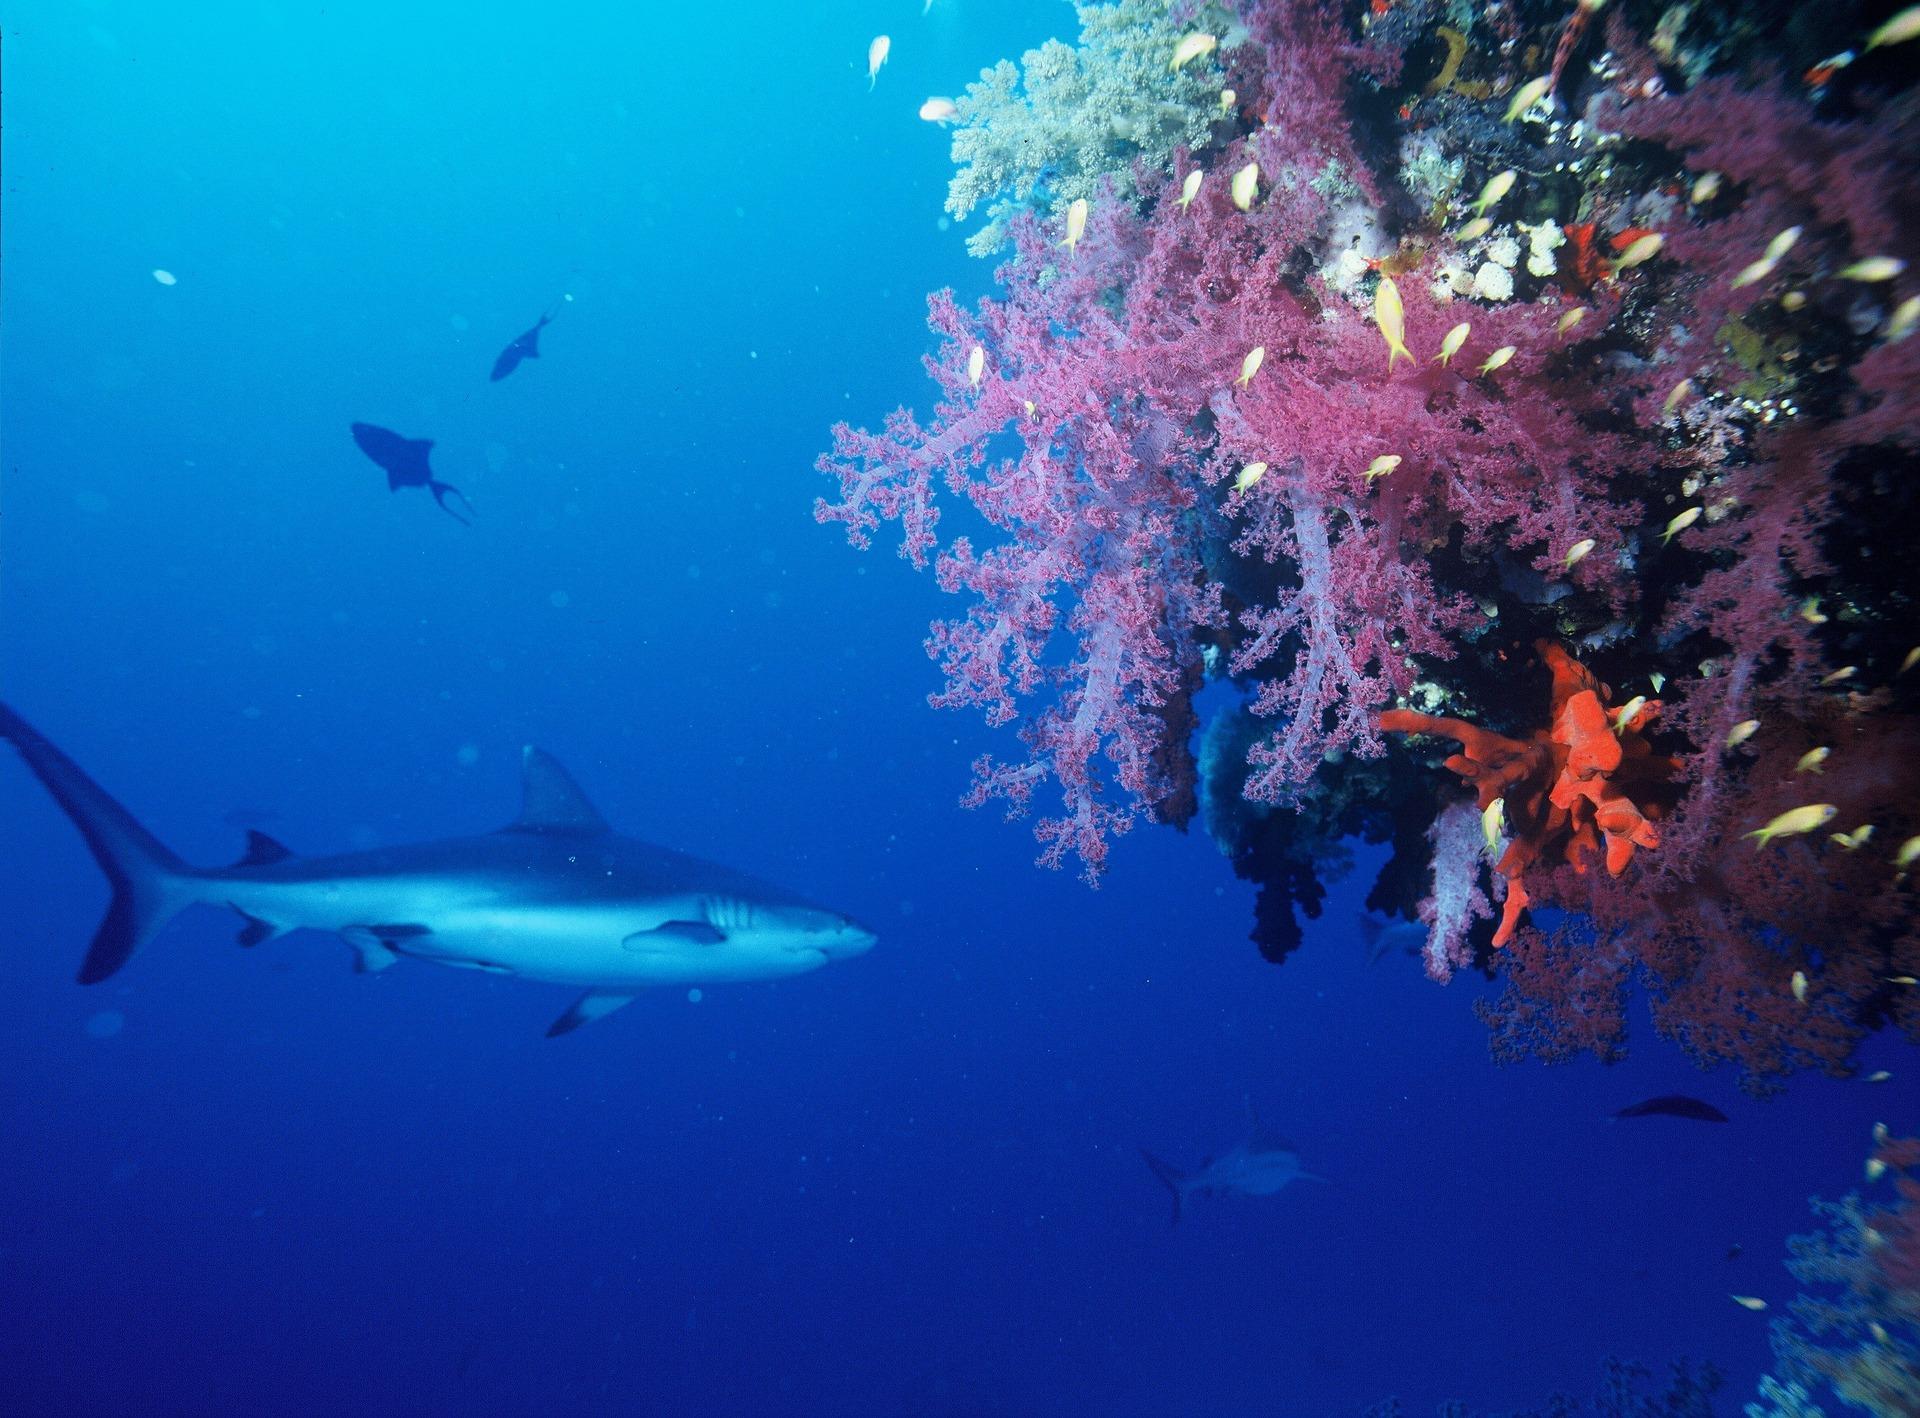 Sivih grebenskih morskih pasa sve je manje i mijenjaju ponašanje zbog ljudi